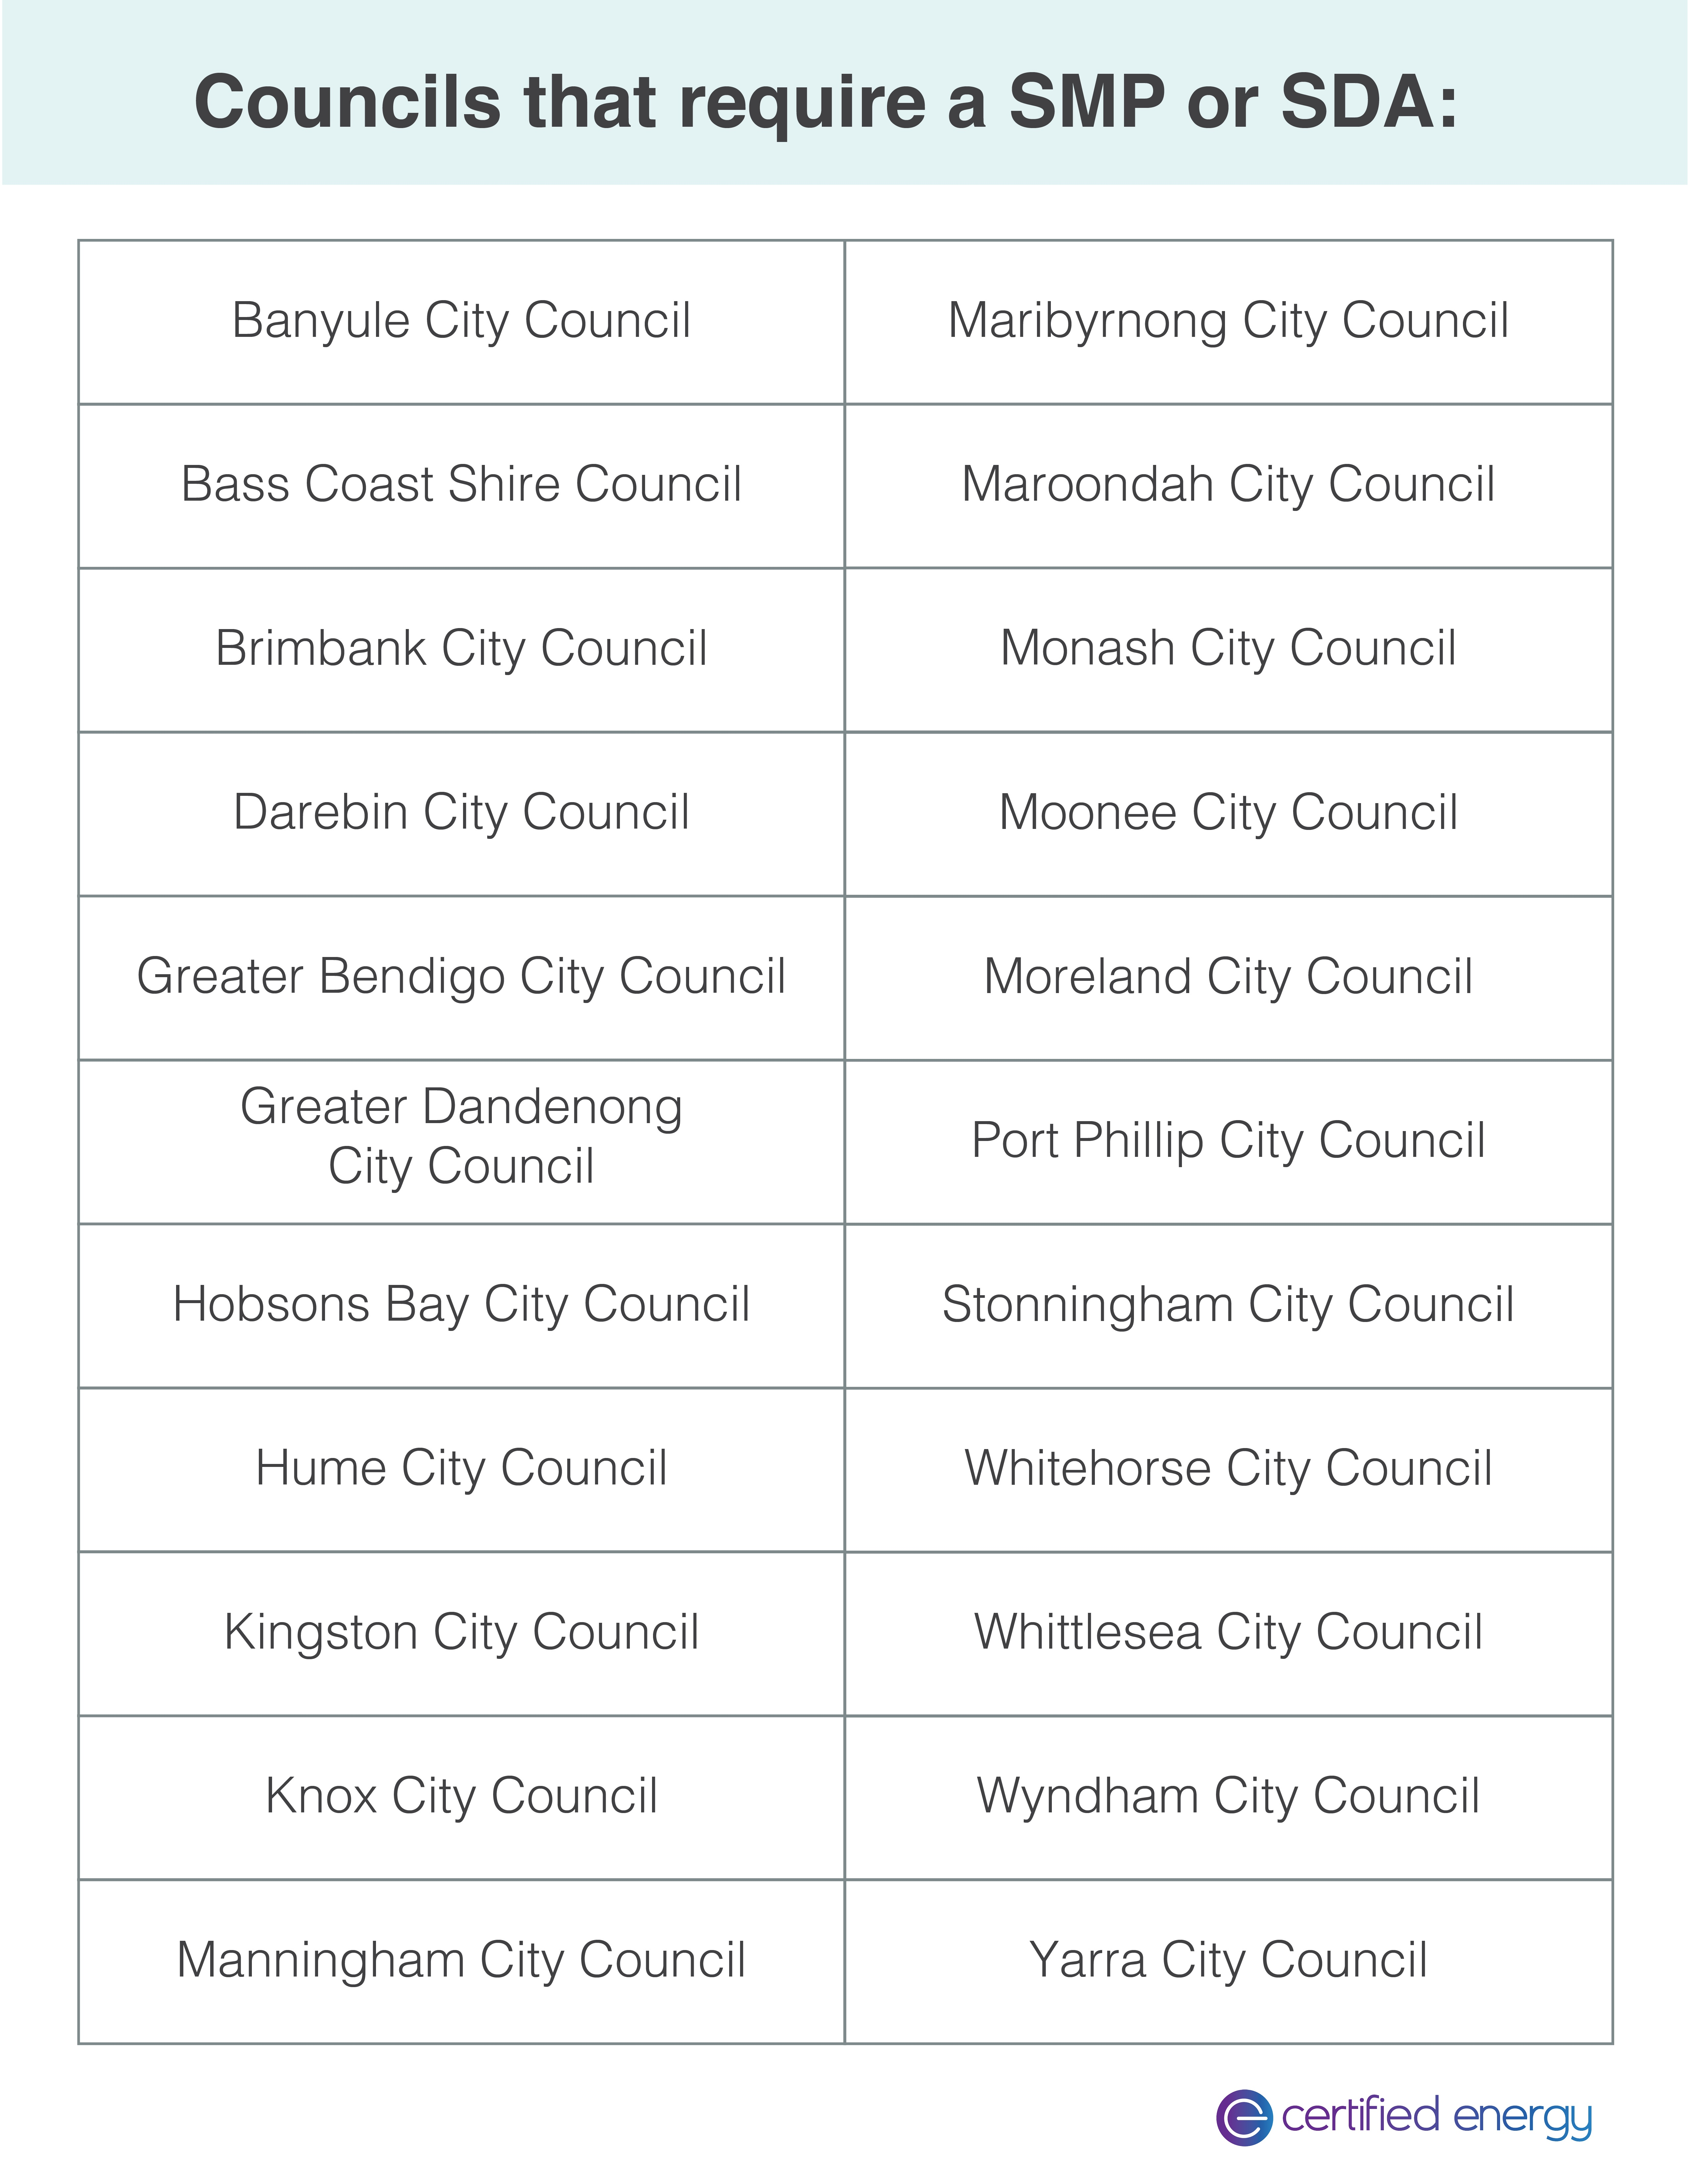 Councils List